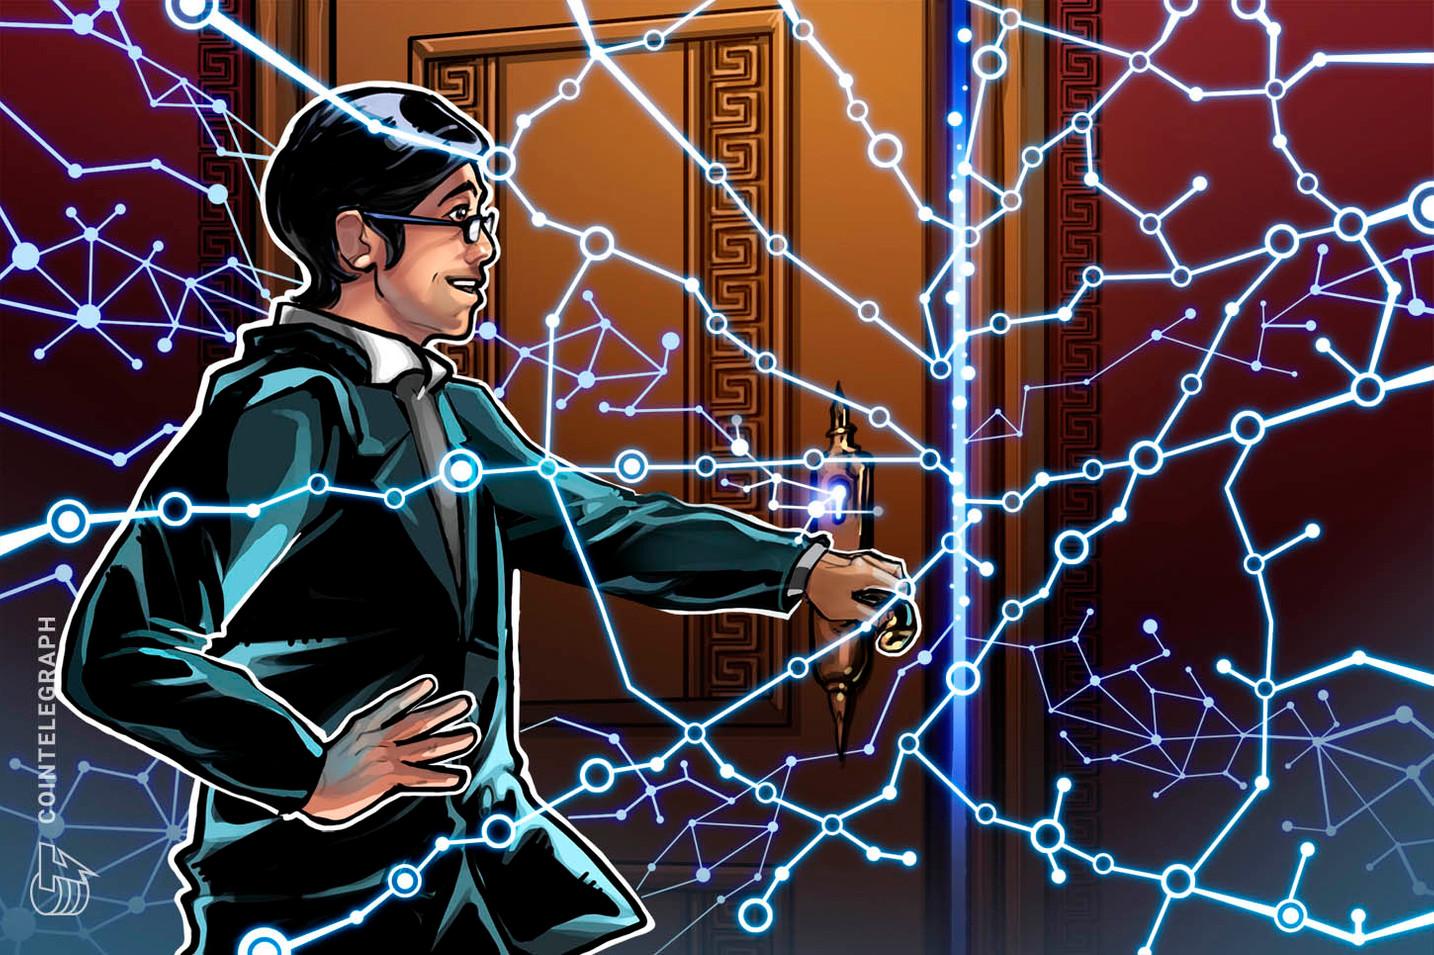 한국 최대 신용카드 업체, 블록체인 결제 시스템 특허 취득